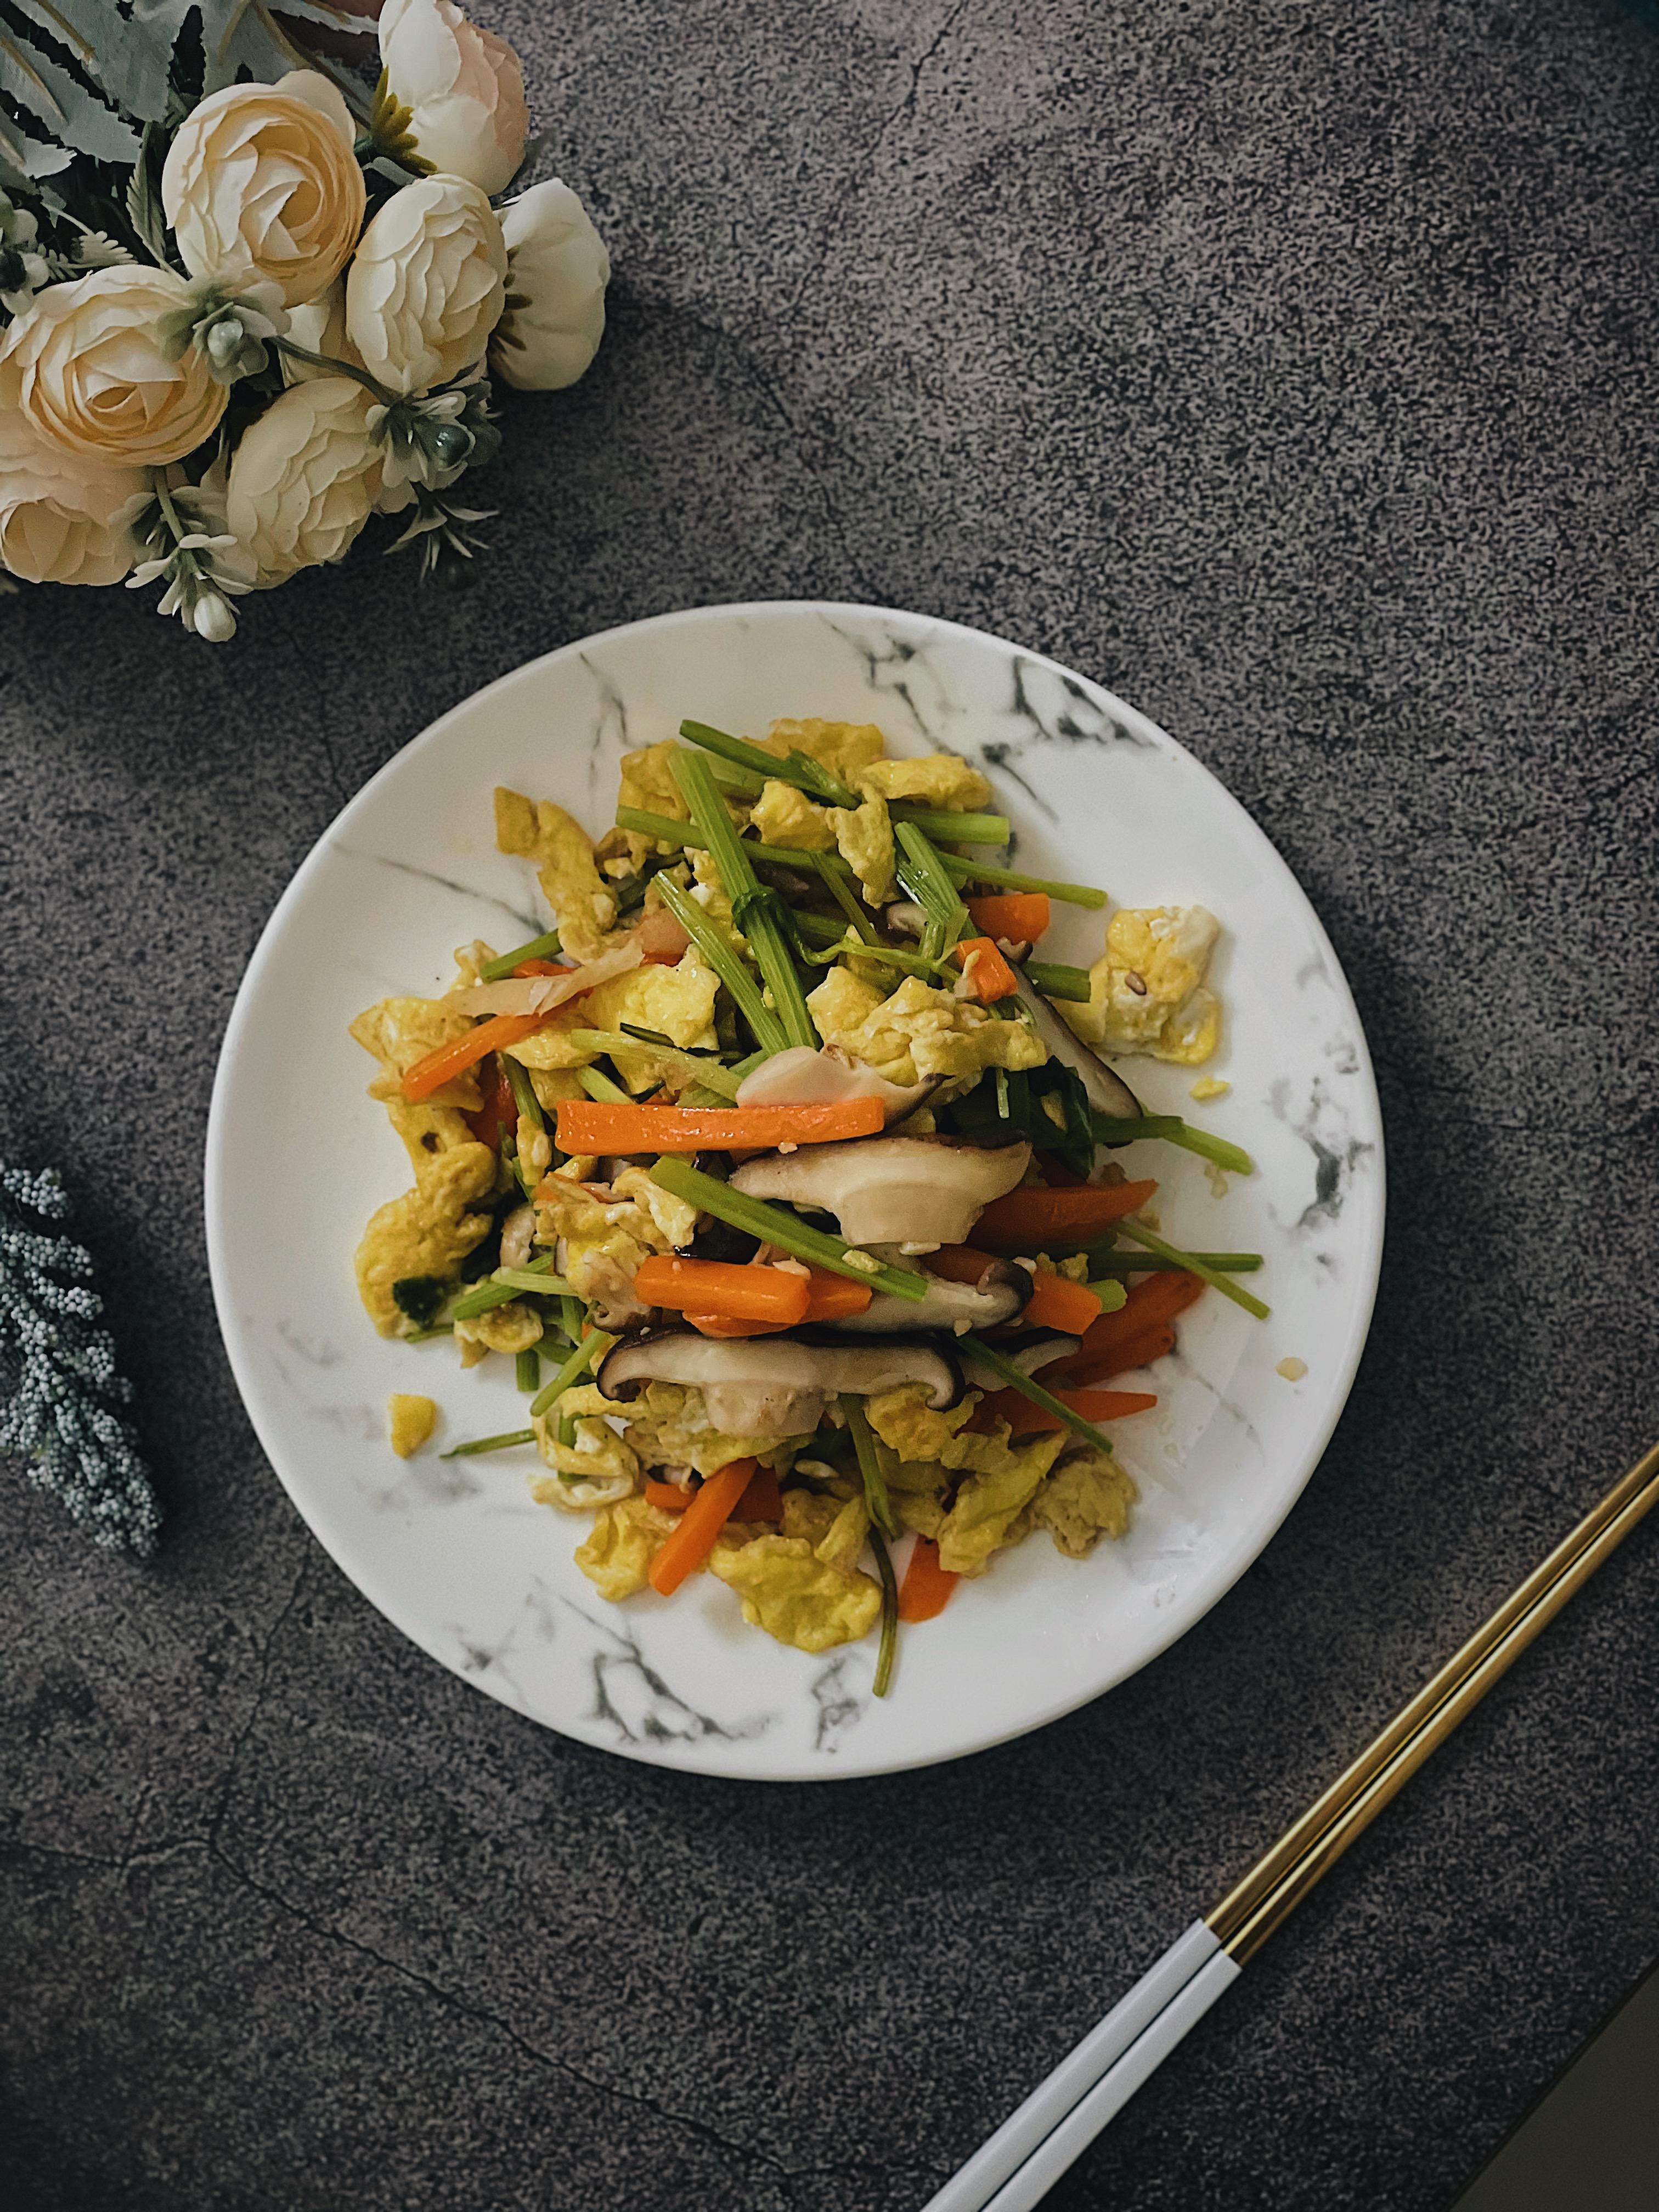 煮過頭|芹菜真的是很難料理欸&大力感謝首位贊助者的一集